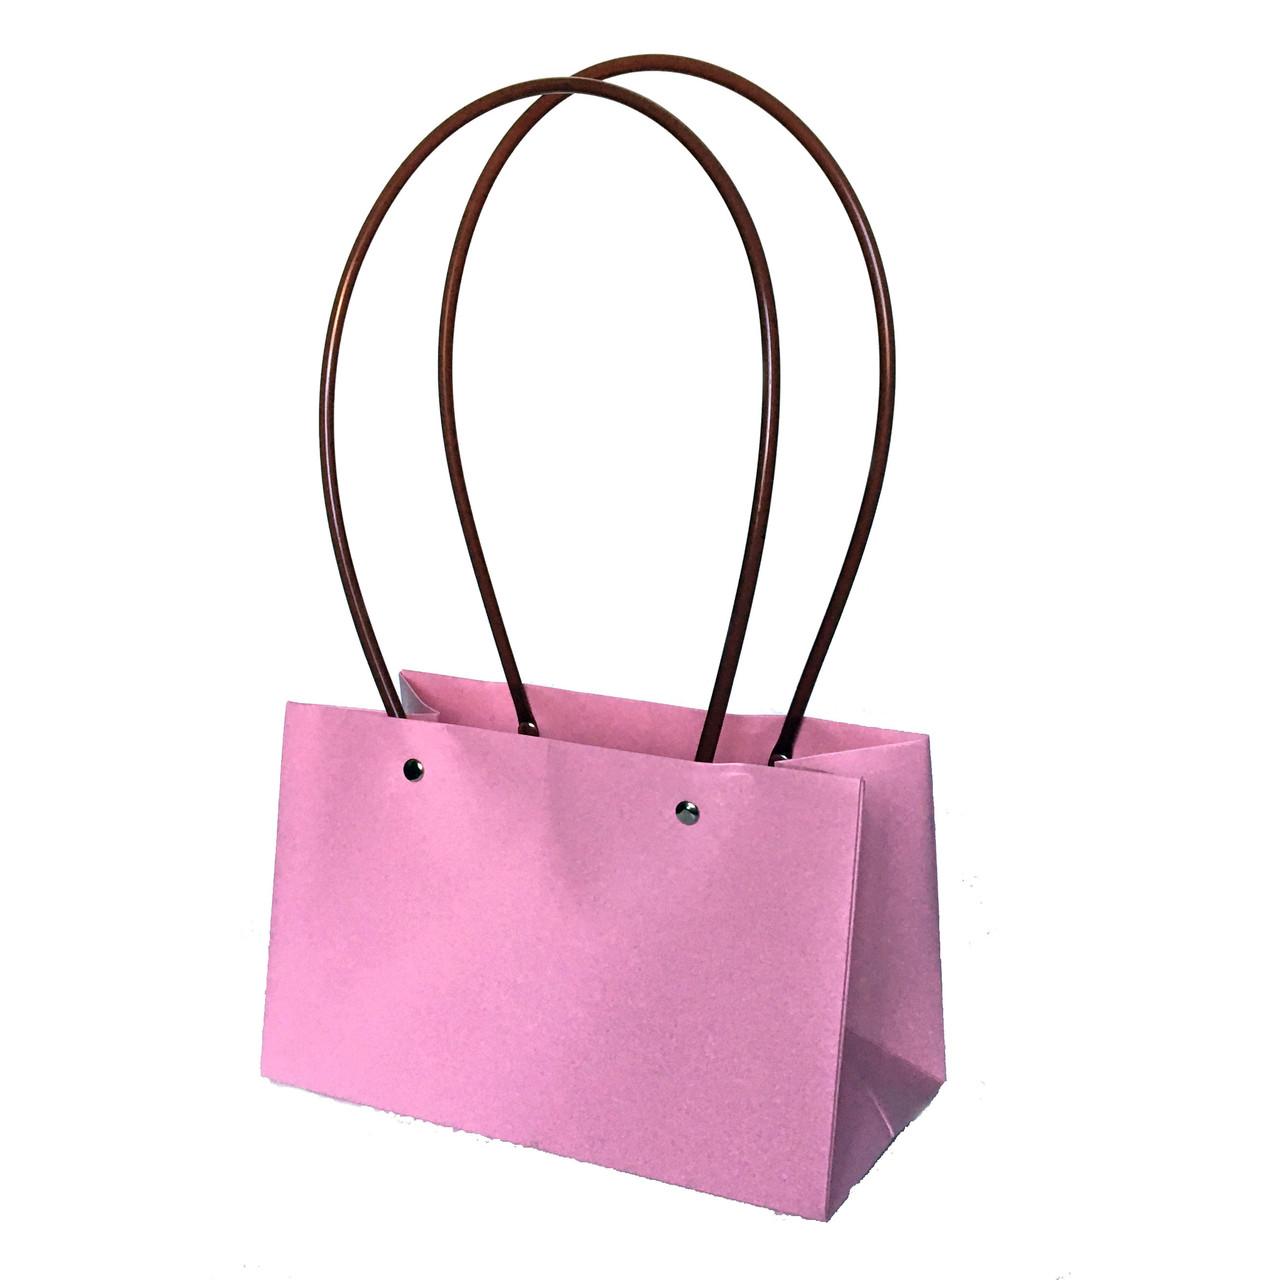 Бумажная сумка прямоугольная влагостойкая для букетов розовая